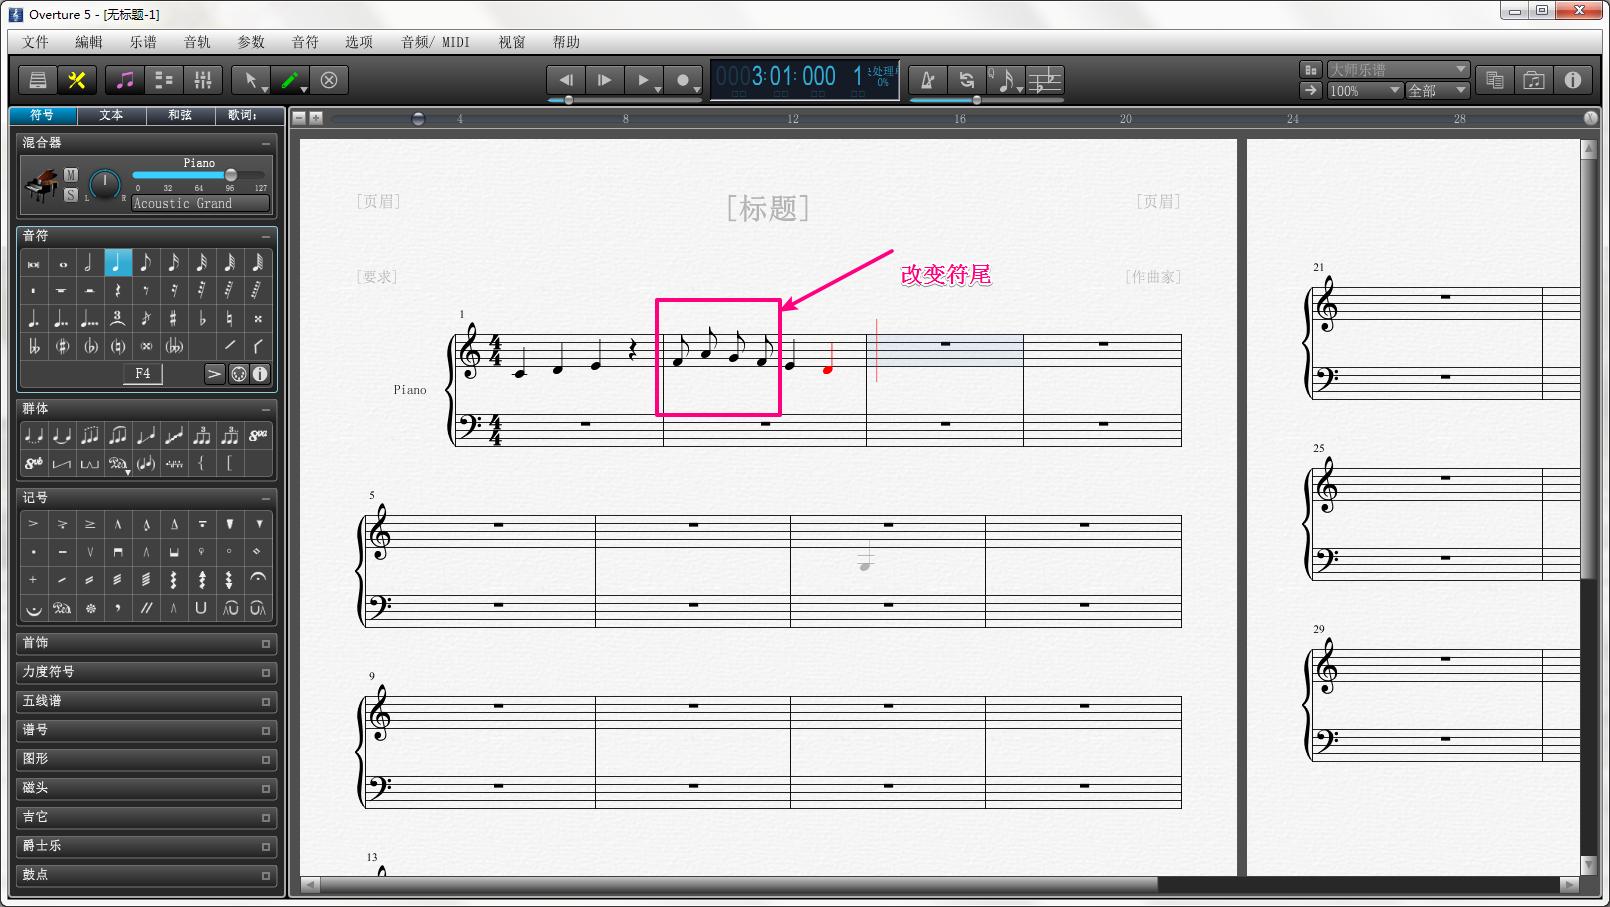 乐谱软件Overture改变符尾